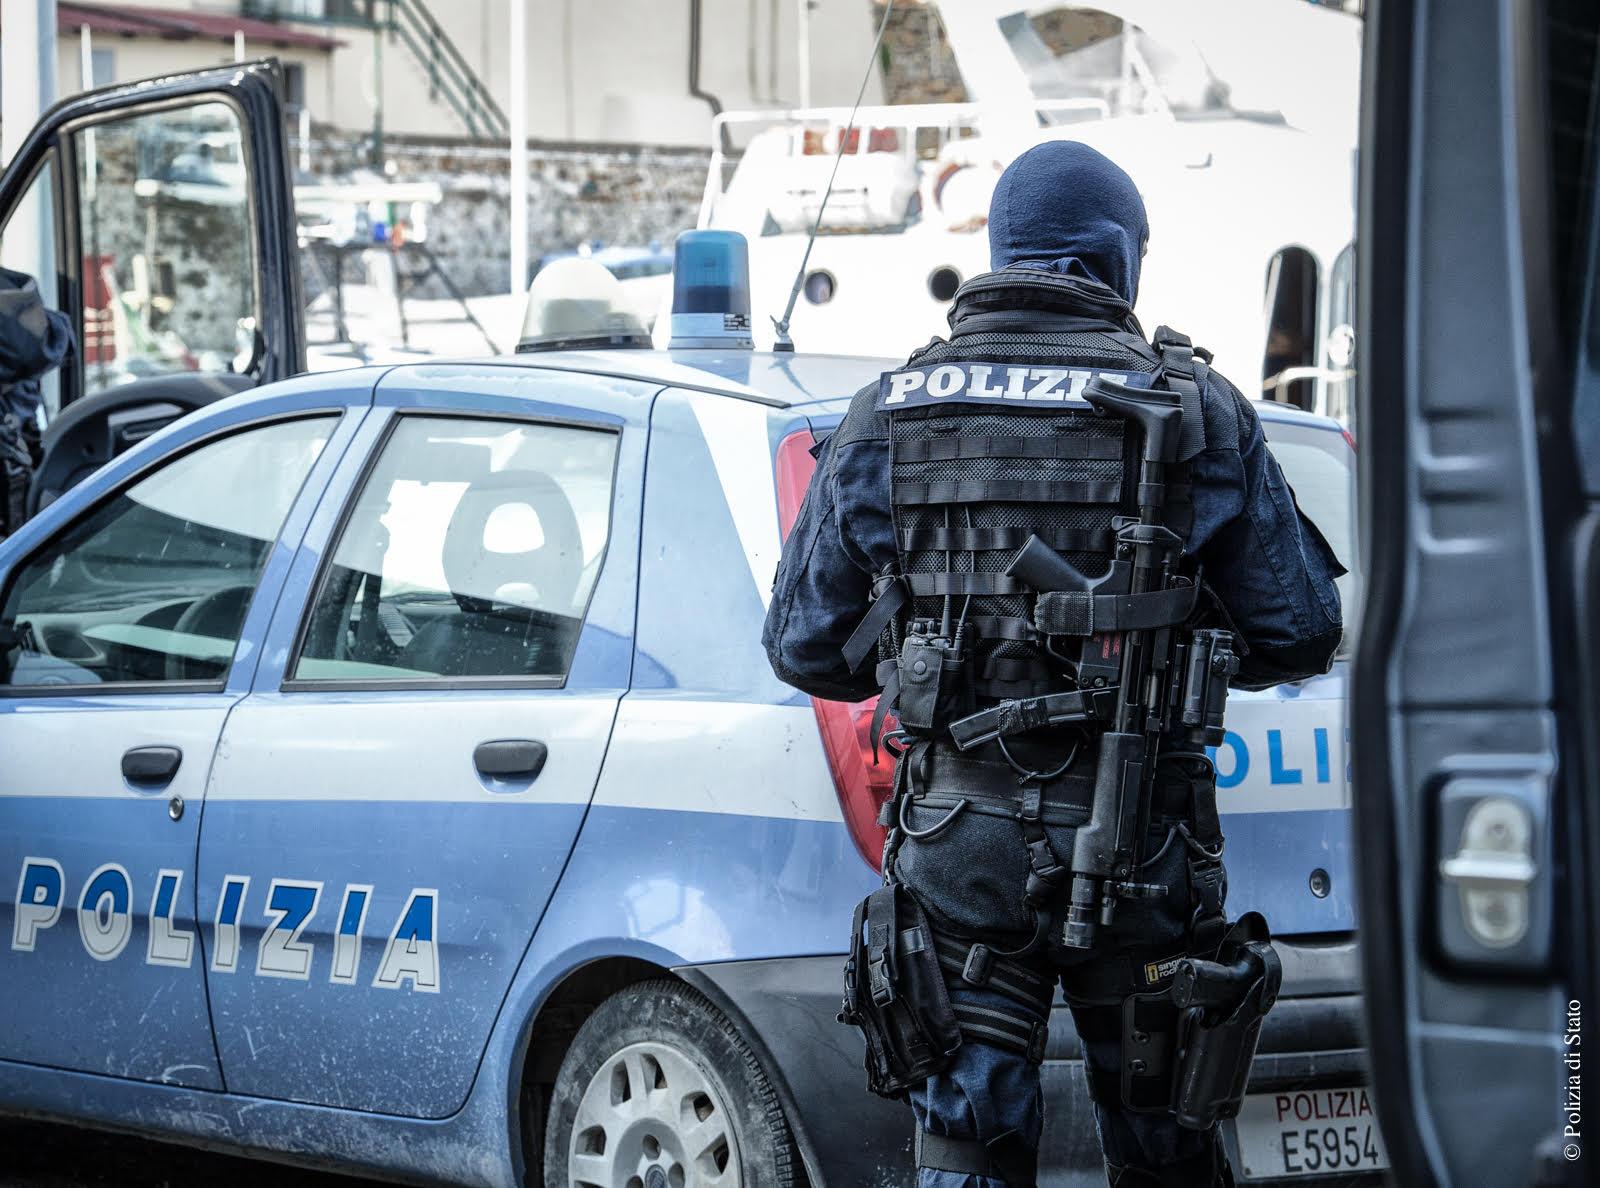 Antiterrorismo in azione